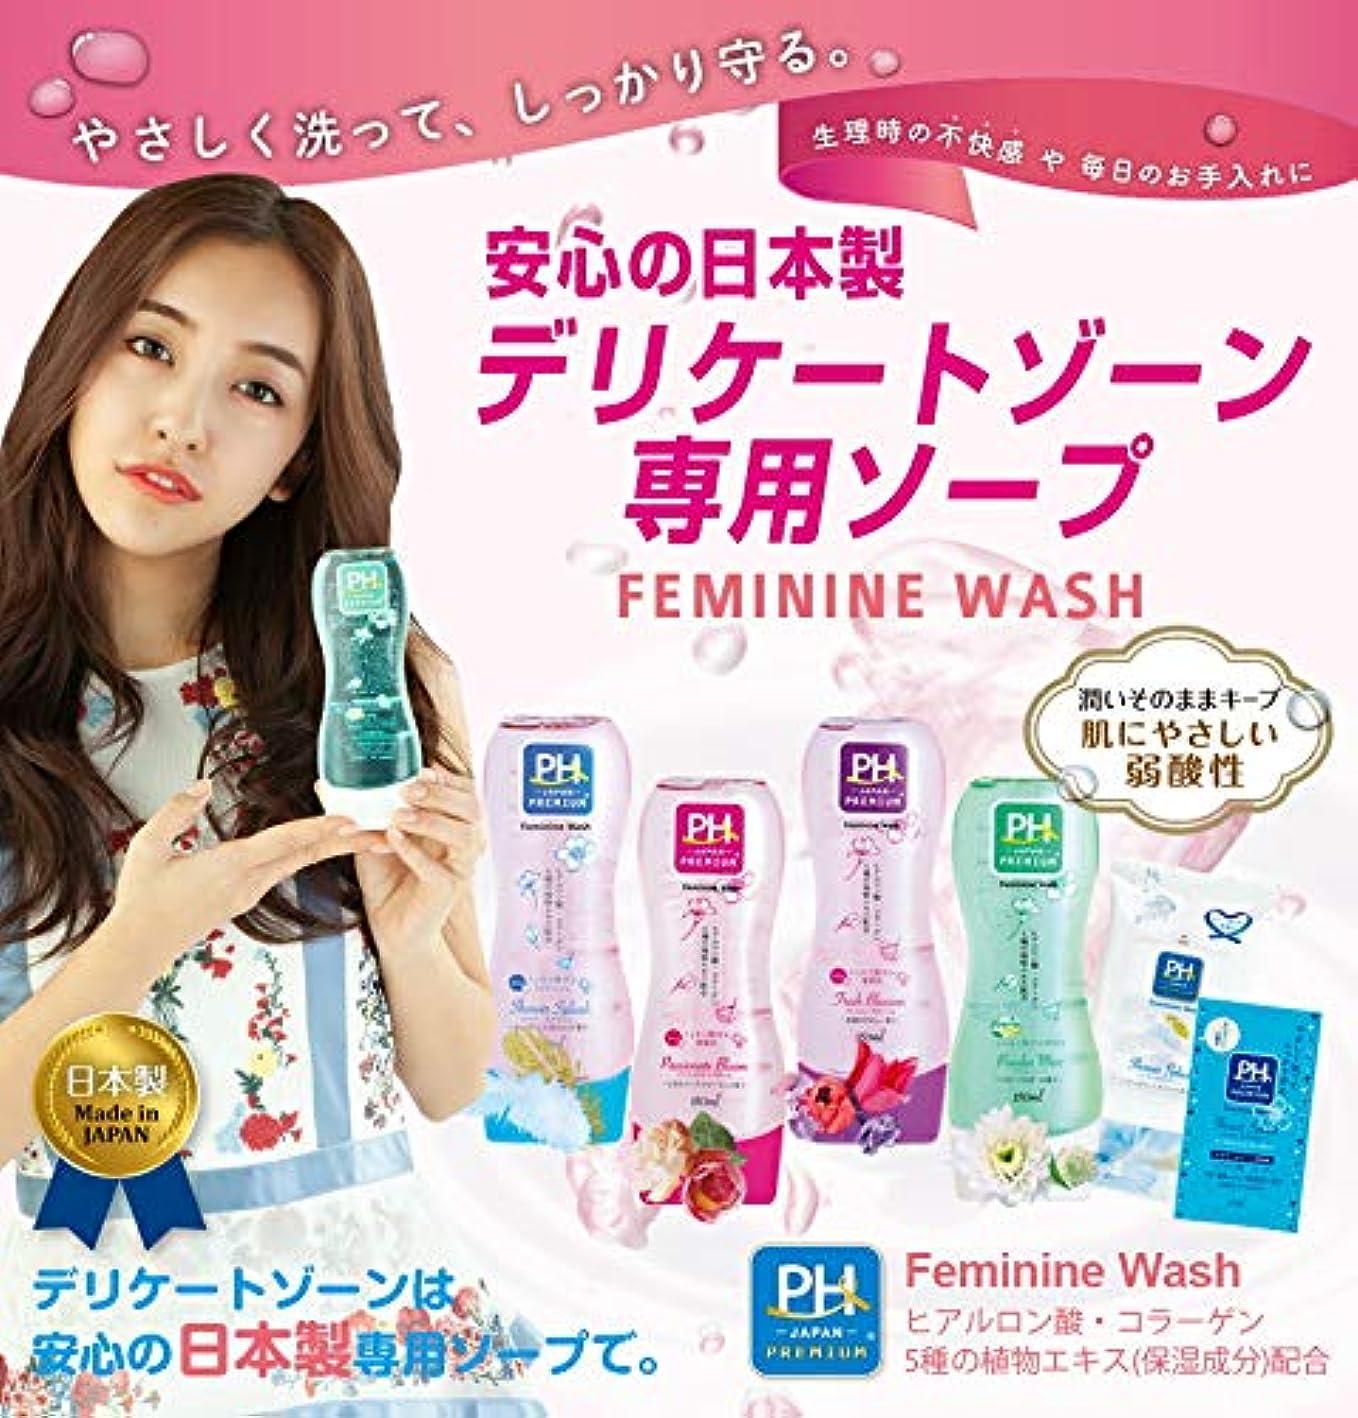 イブニング素人汚すPH JAPAN プレミアム フェミニンウォッシュ パッショネイトブルーム150ml上品なローズフローラルの香り 3本セット